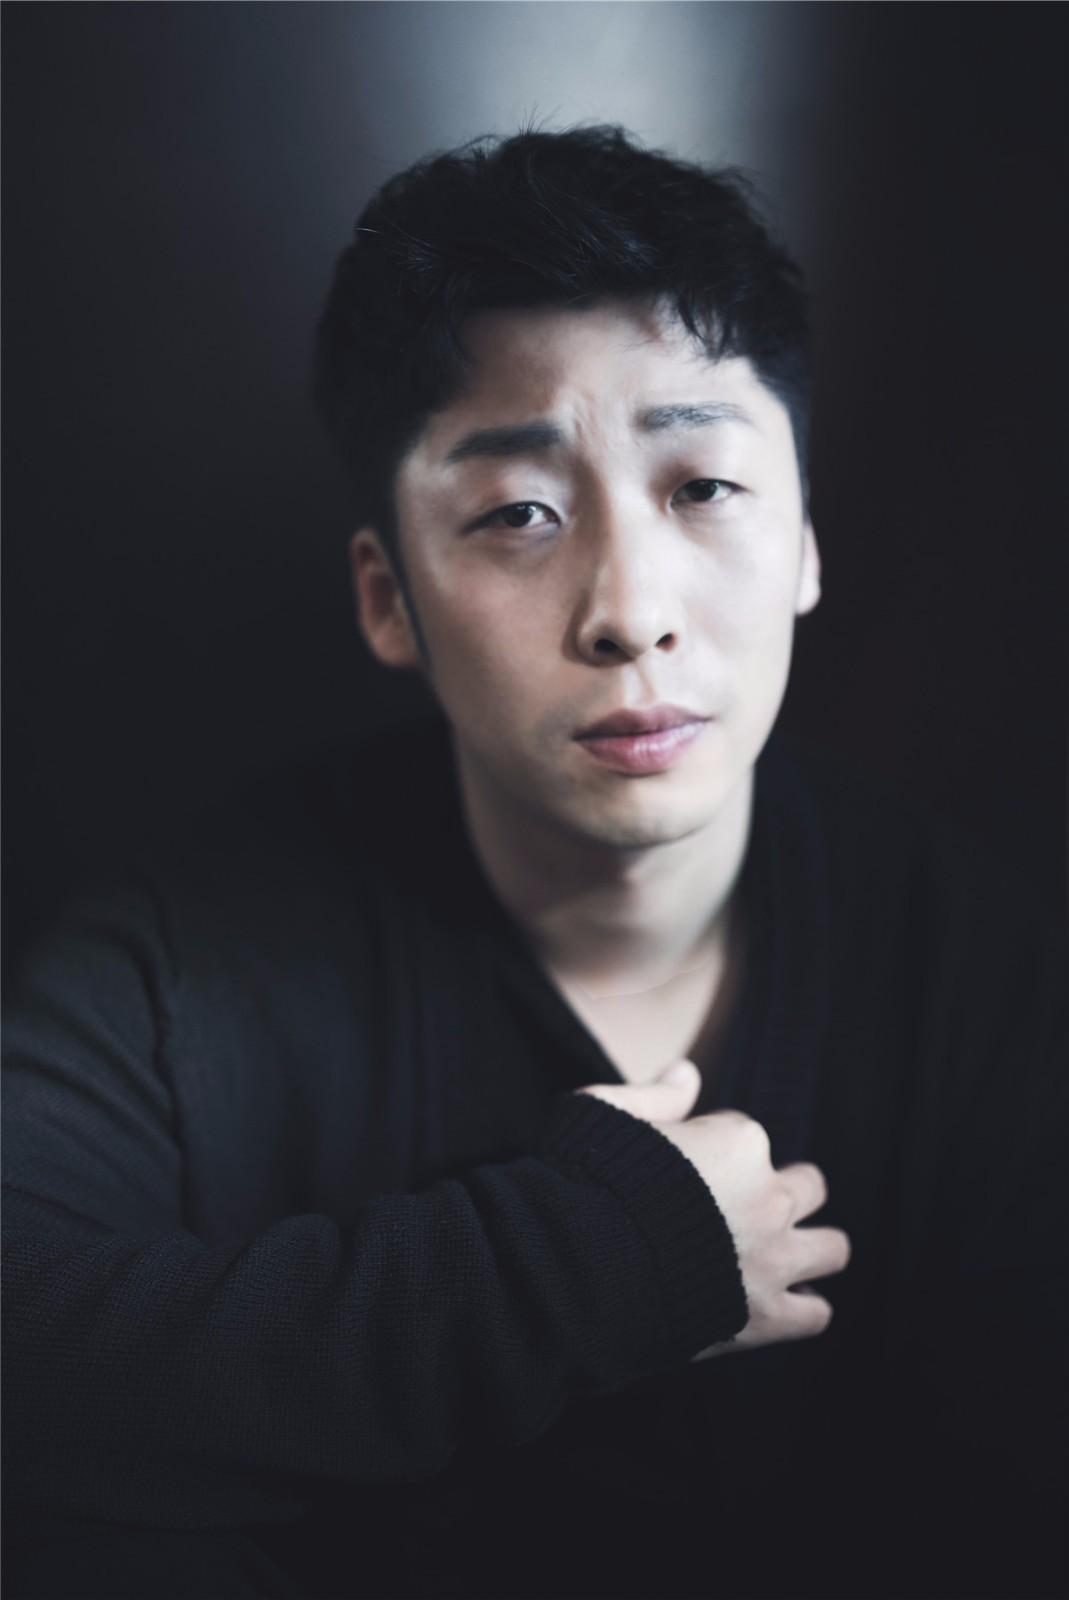 张子贤曝光最新写真  黑白光影释放另类魅力